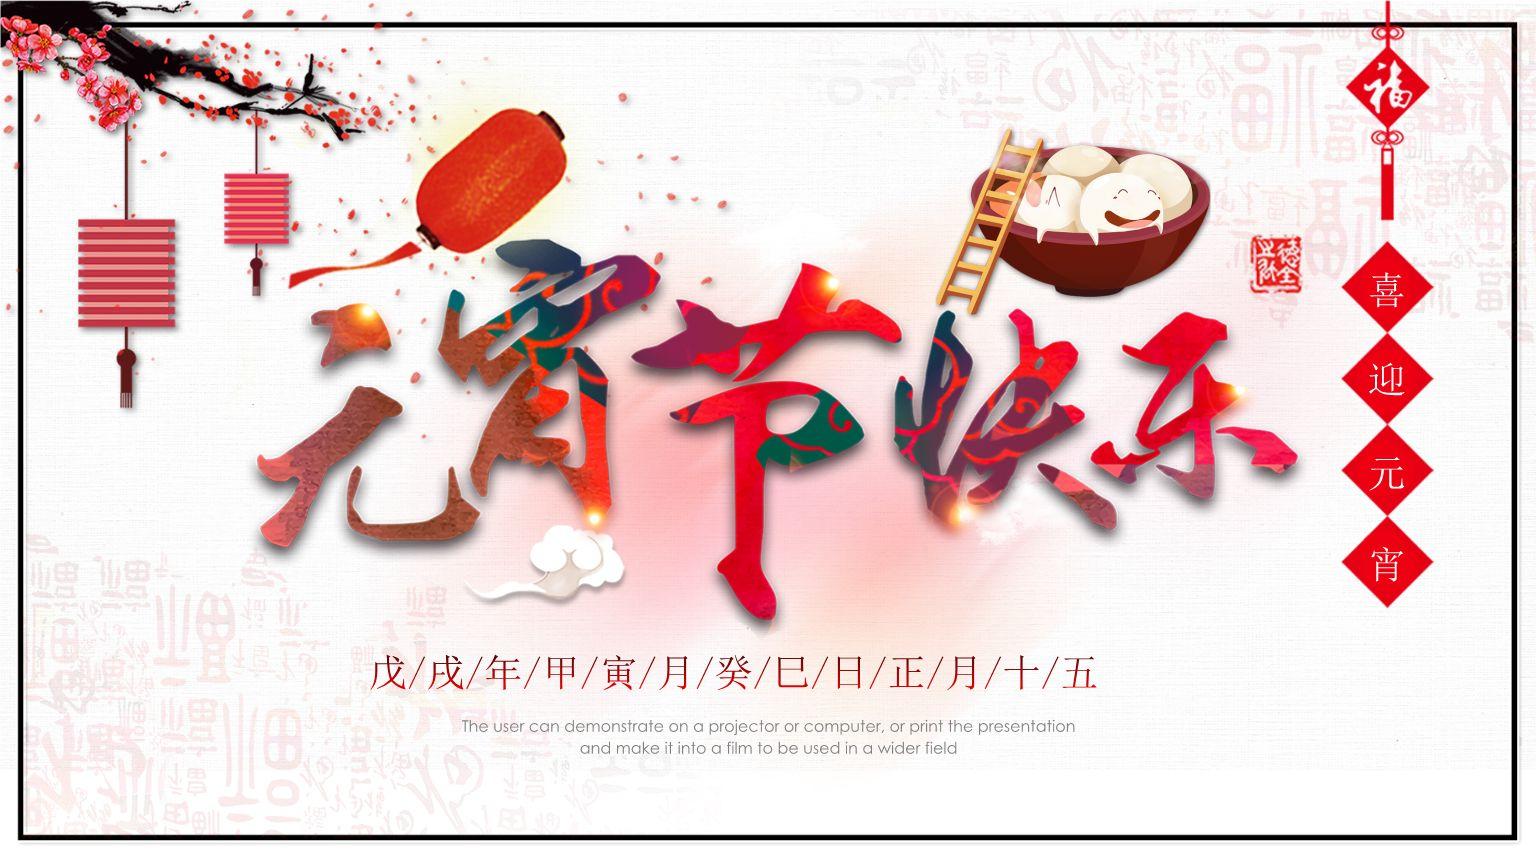 元宵节丨节日快乐